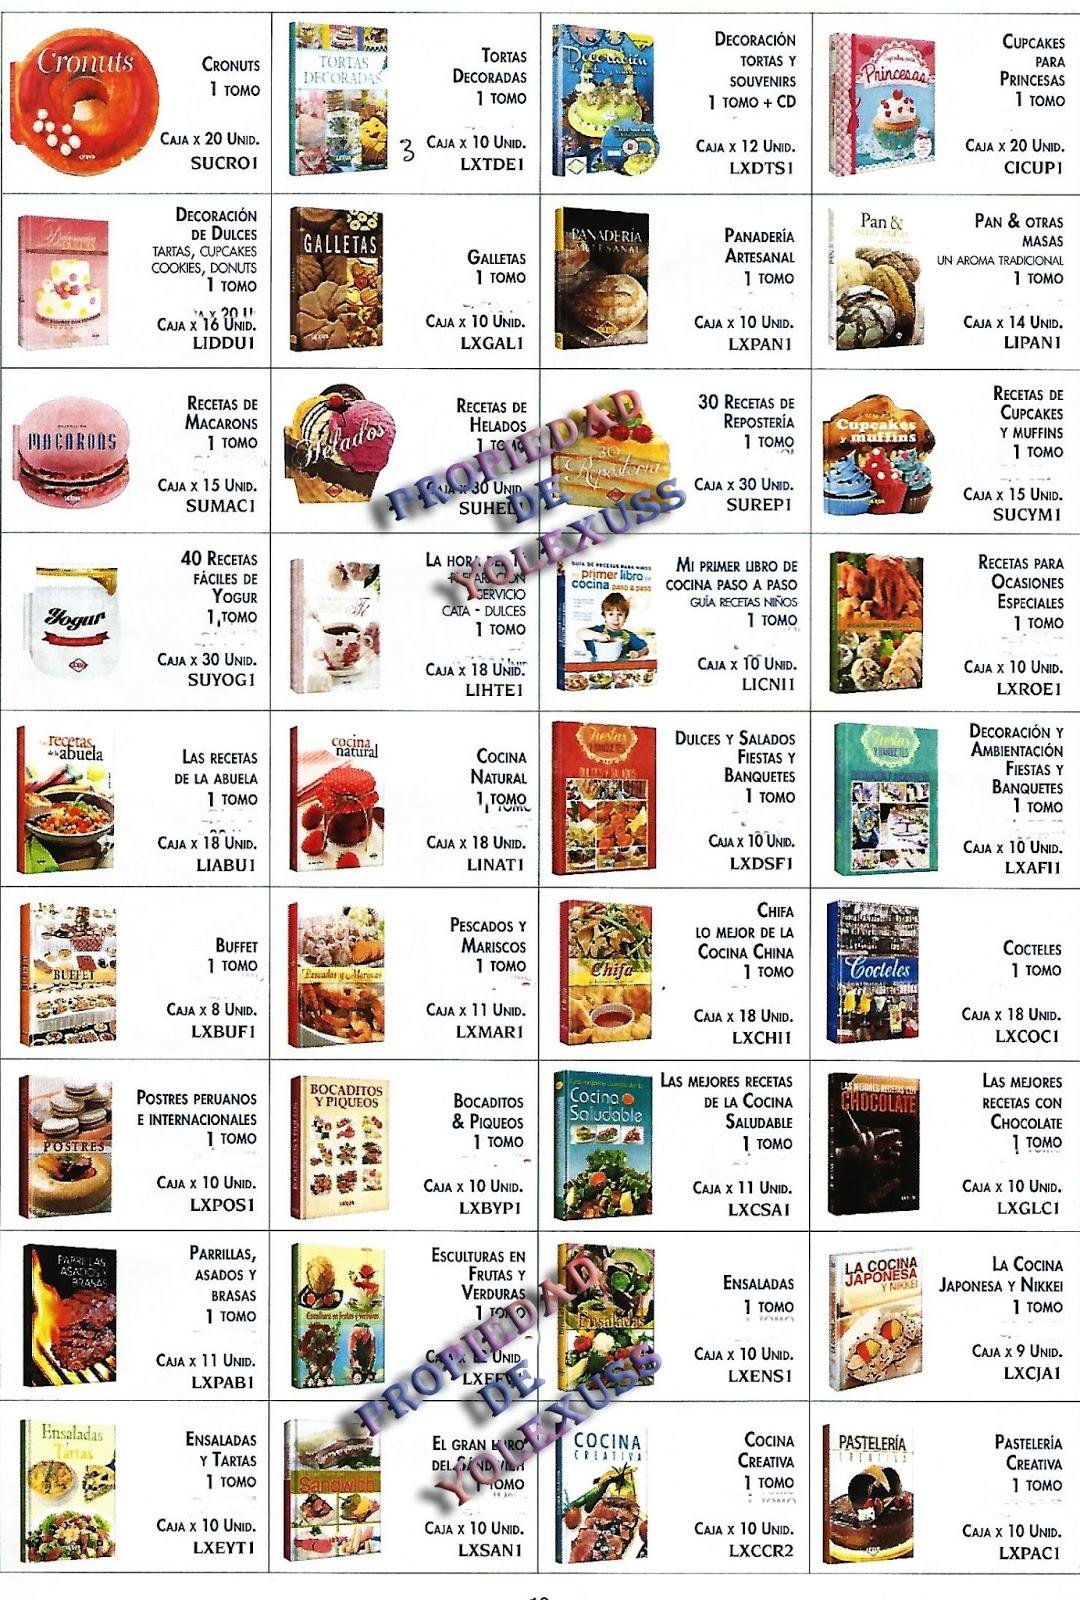 Libro de cocina molecular y fusi n novedad s 79 sroct Libros de cocina molecular pdf gratis